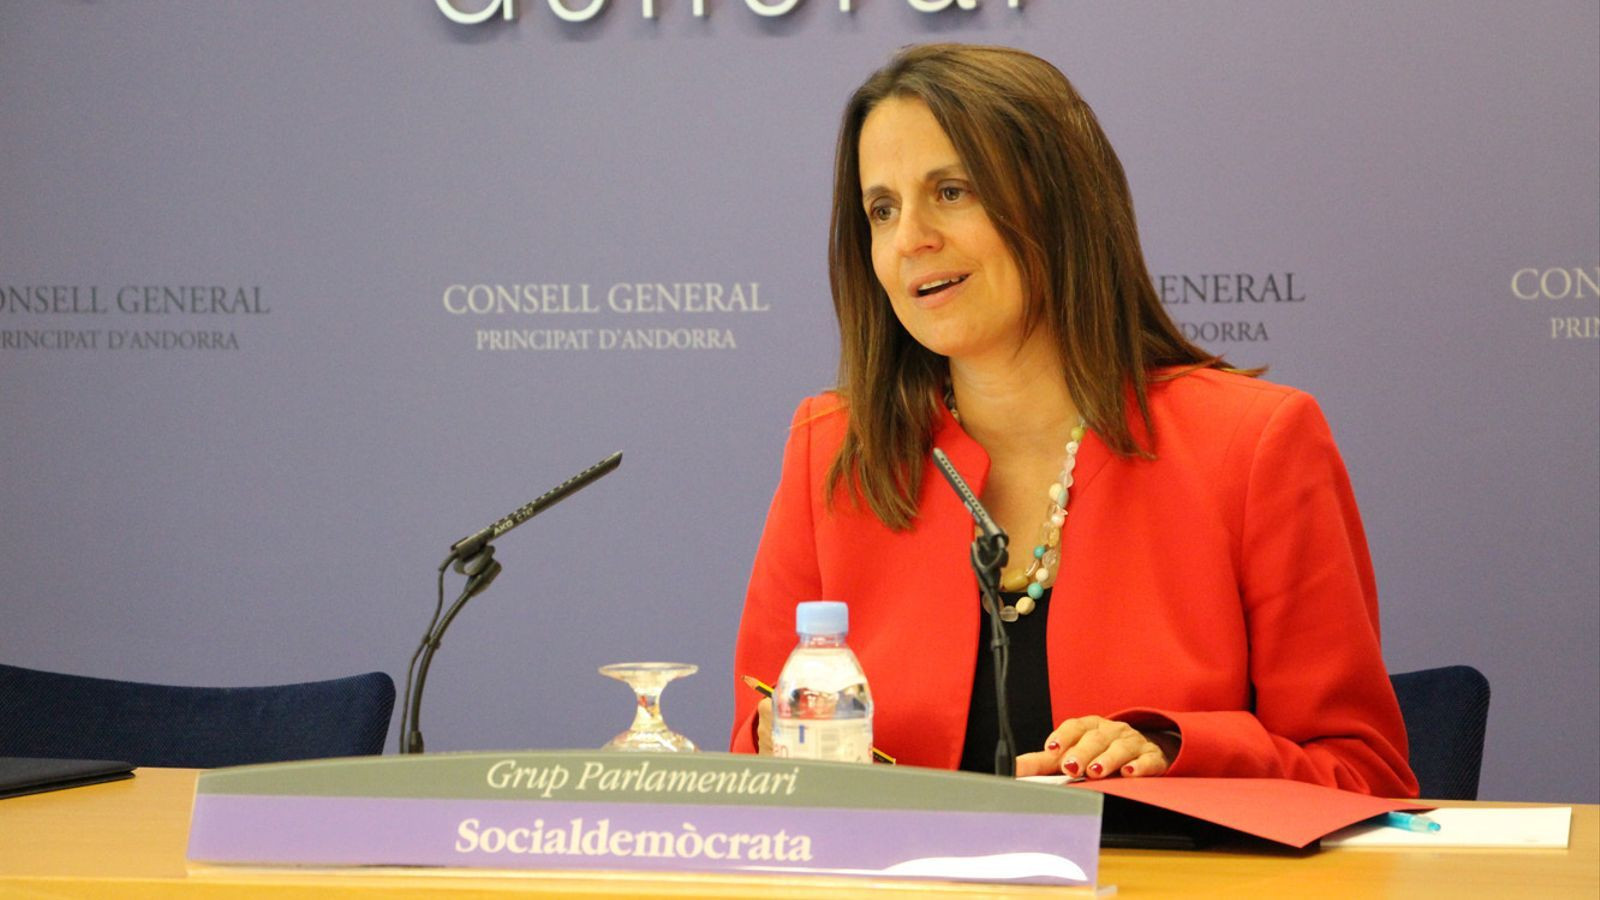 La consellera socialdemòcrata, Rosa Gili. / ARXIU ARA